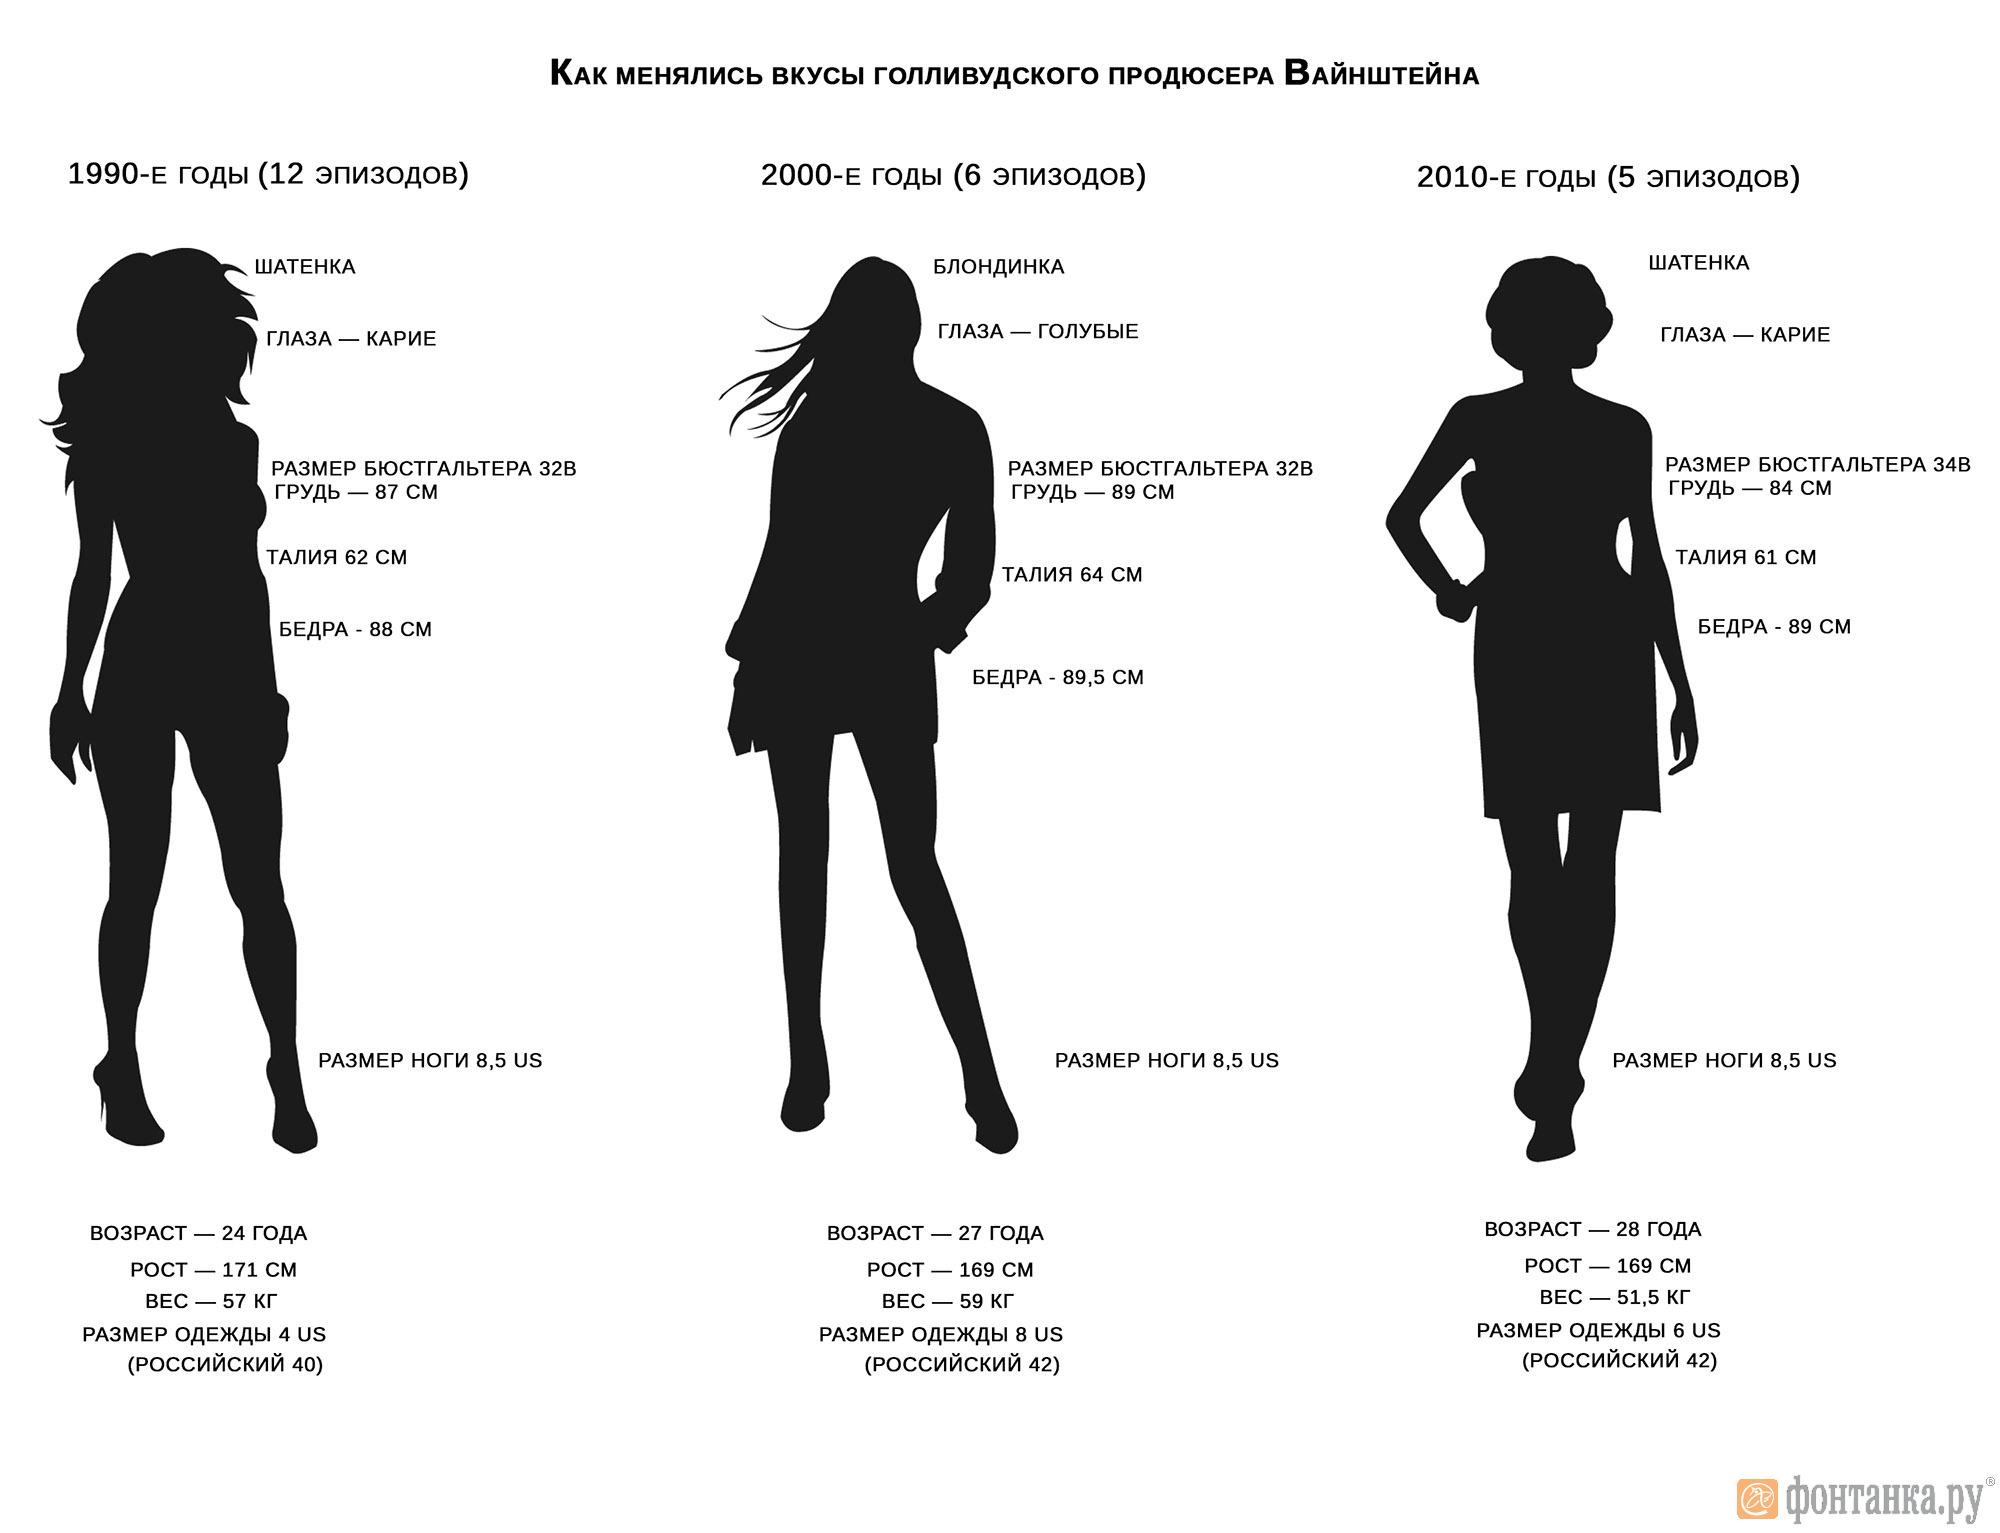 Скандальный продюсер Вайнштейн избегал рыжих женщин (Иллюстрация 1 из 1) (Фото: